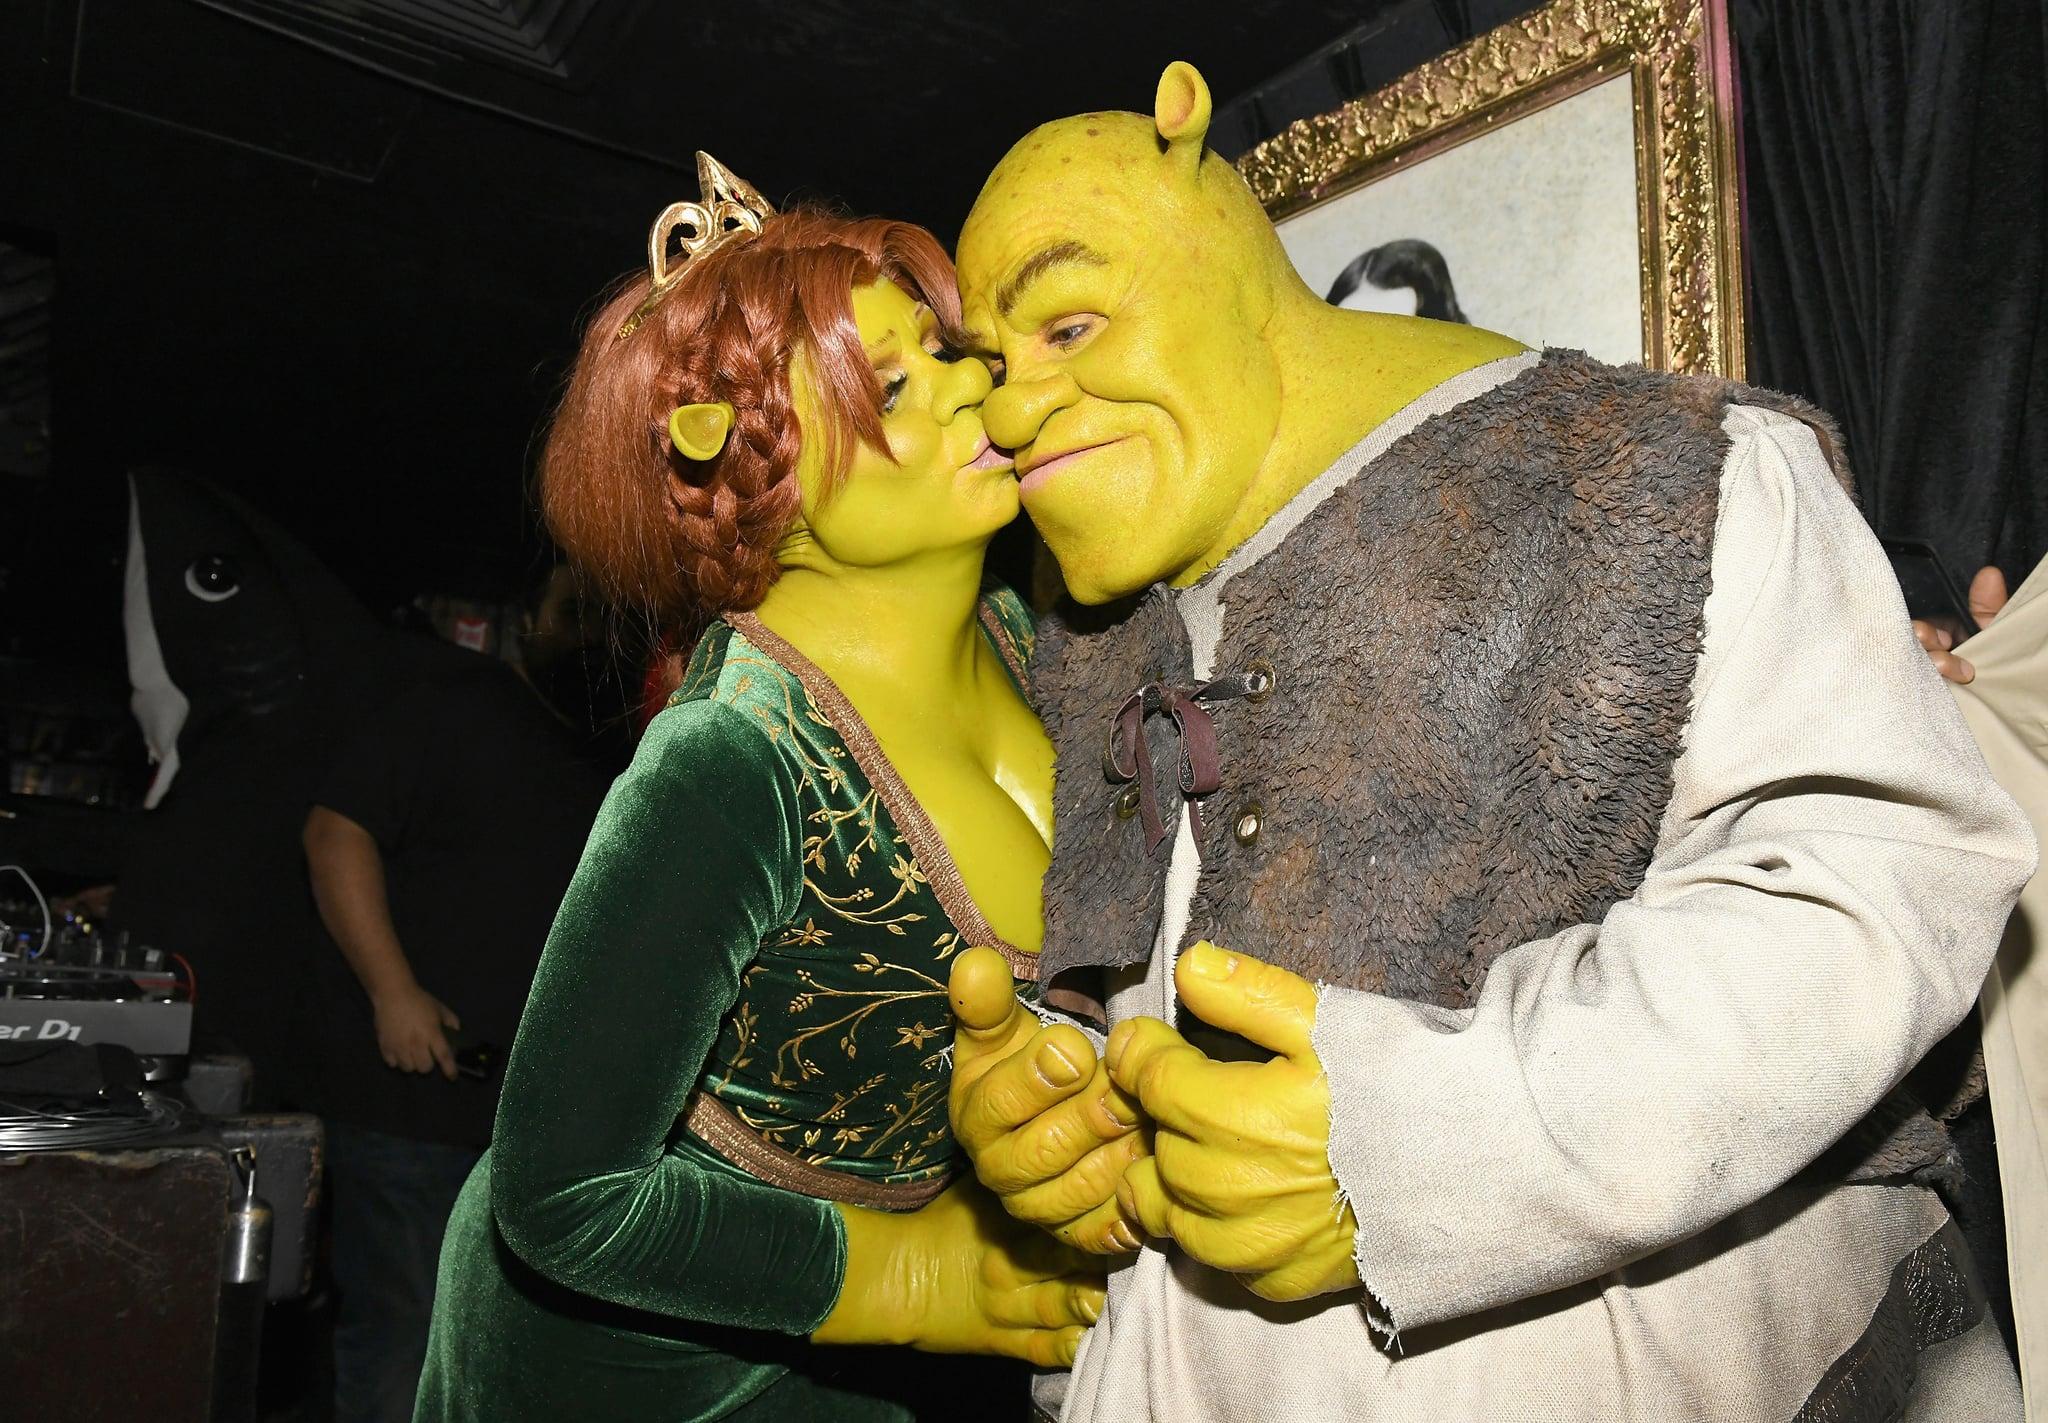 Ce sont quelques-uns des costumes les plus emblématiques que les couples de stars ont porté pour Halloween Heidi Klum Tom Kaulitz as Princess Fiona Shrek